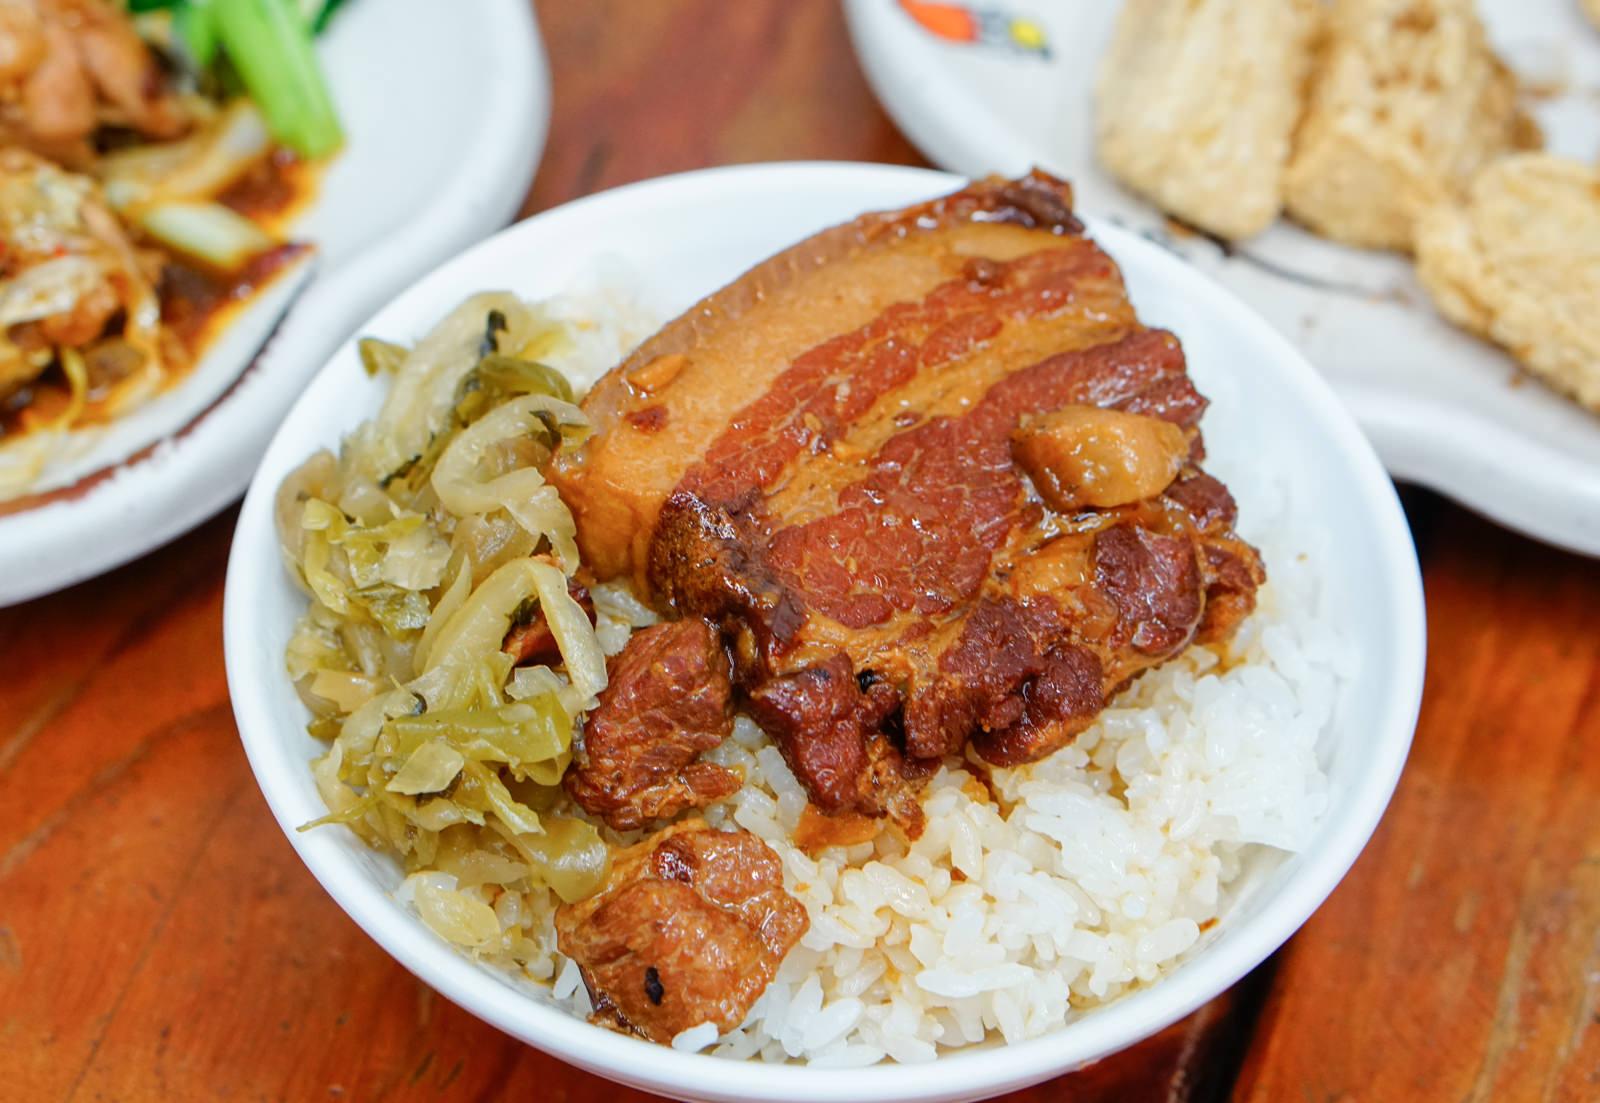 [高雄]方塊酥-老饕推薦!家傳黑豬焢肉飯  銅板價古早美味 高雄焢肉飯推薦